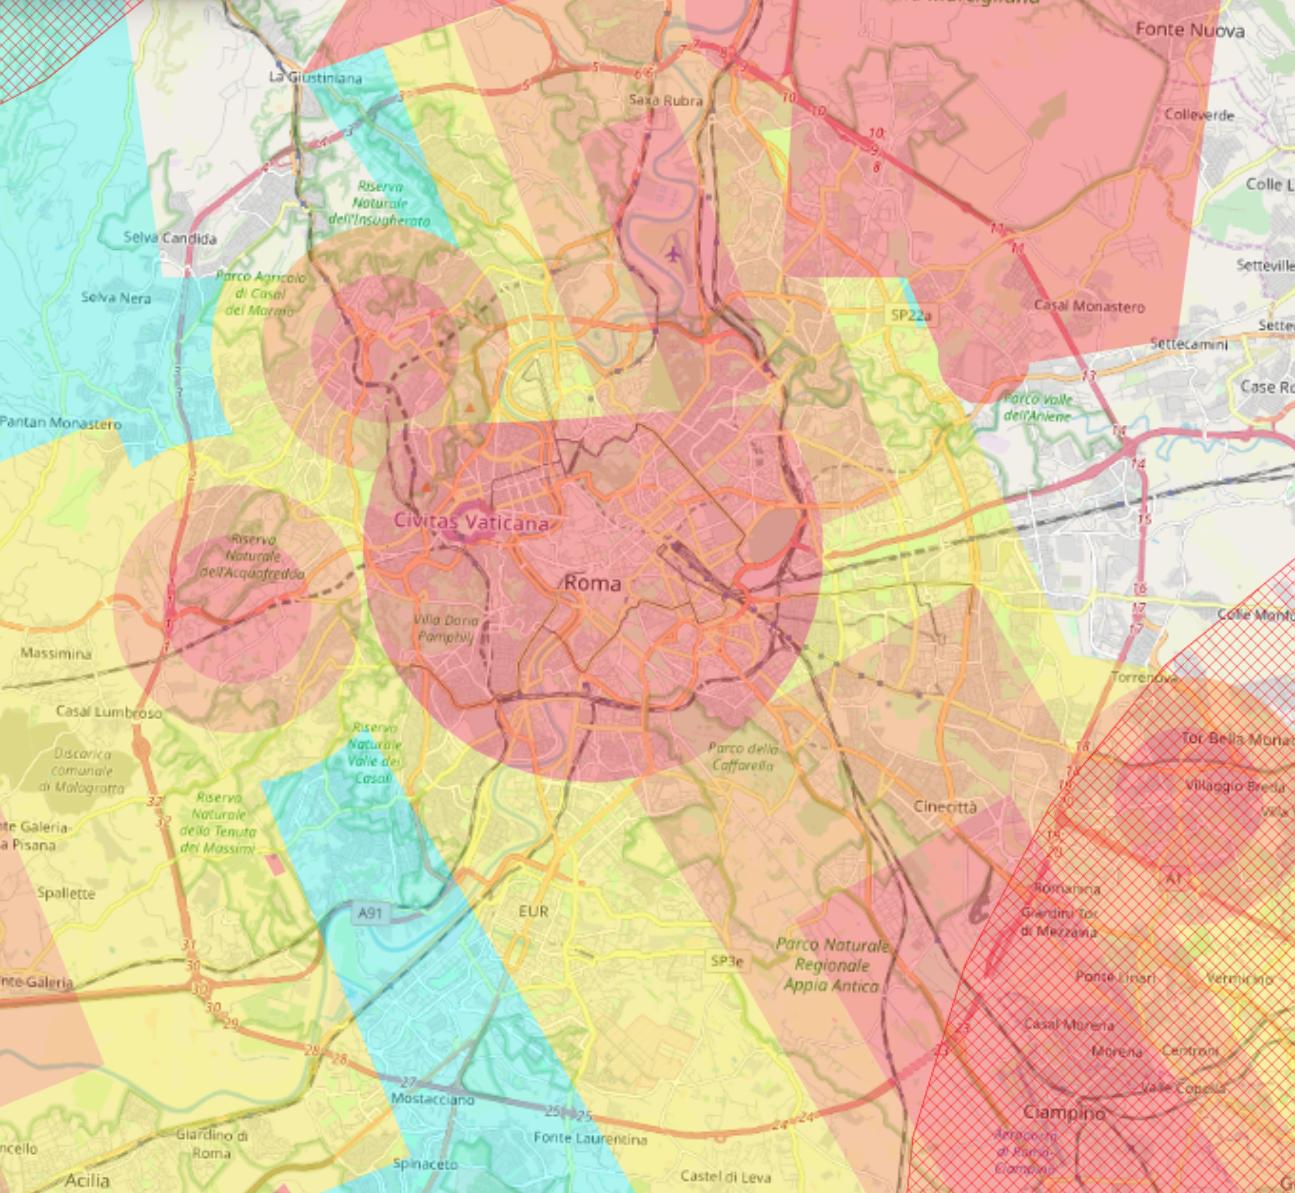 Mappa del comune di Roma che mostra le limitazioni normative al volo dei droni